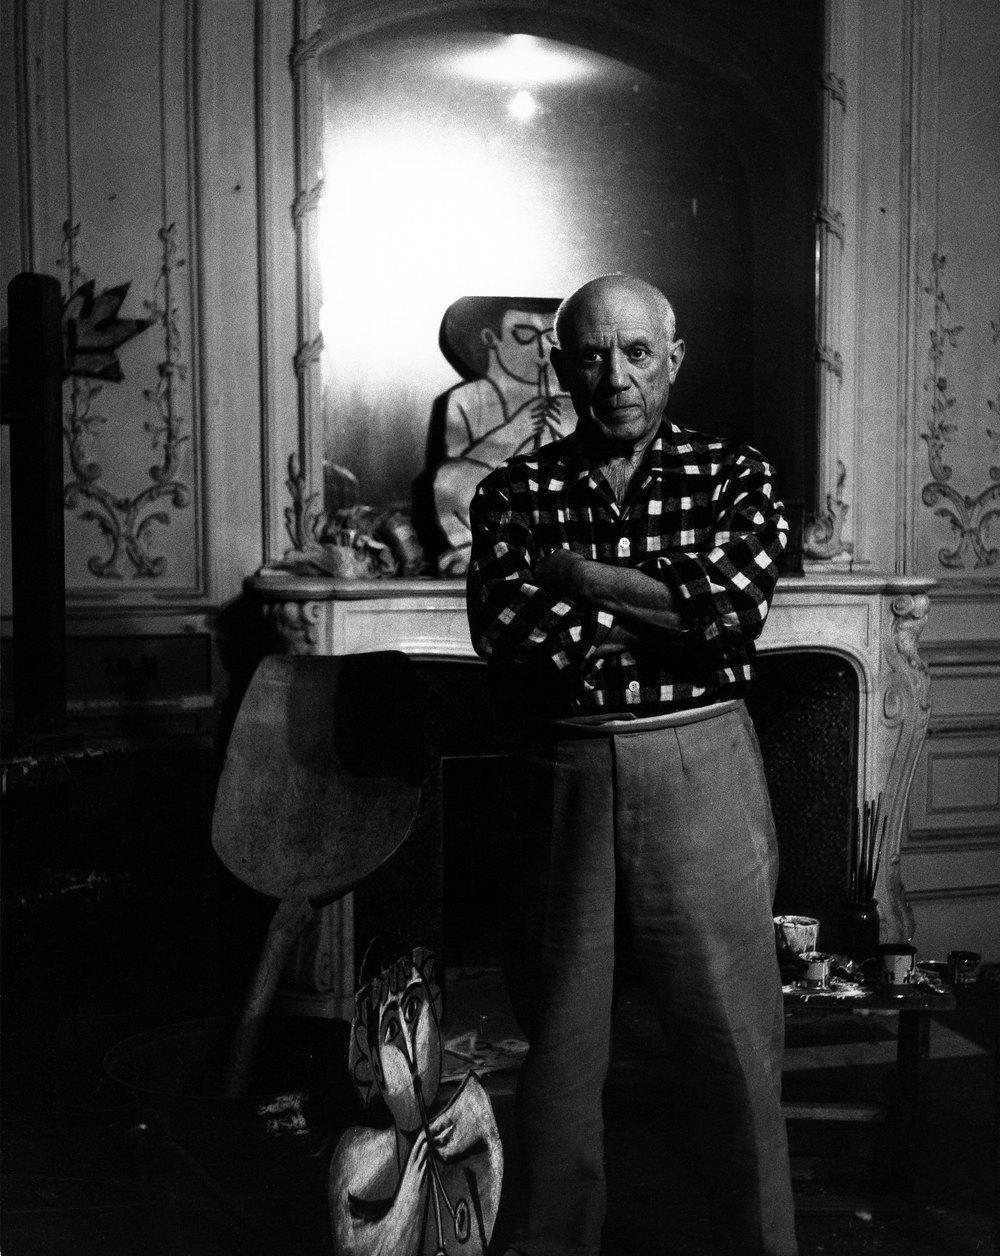 """Lucien Clergue: Picasso au miroir """"La Californie,"""" Cannes, 1955, vintage silver gelatin print, 9.45 x 7.09 inches"""